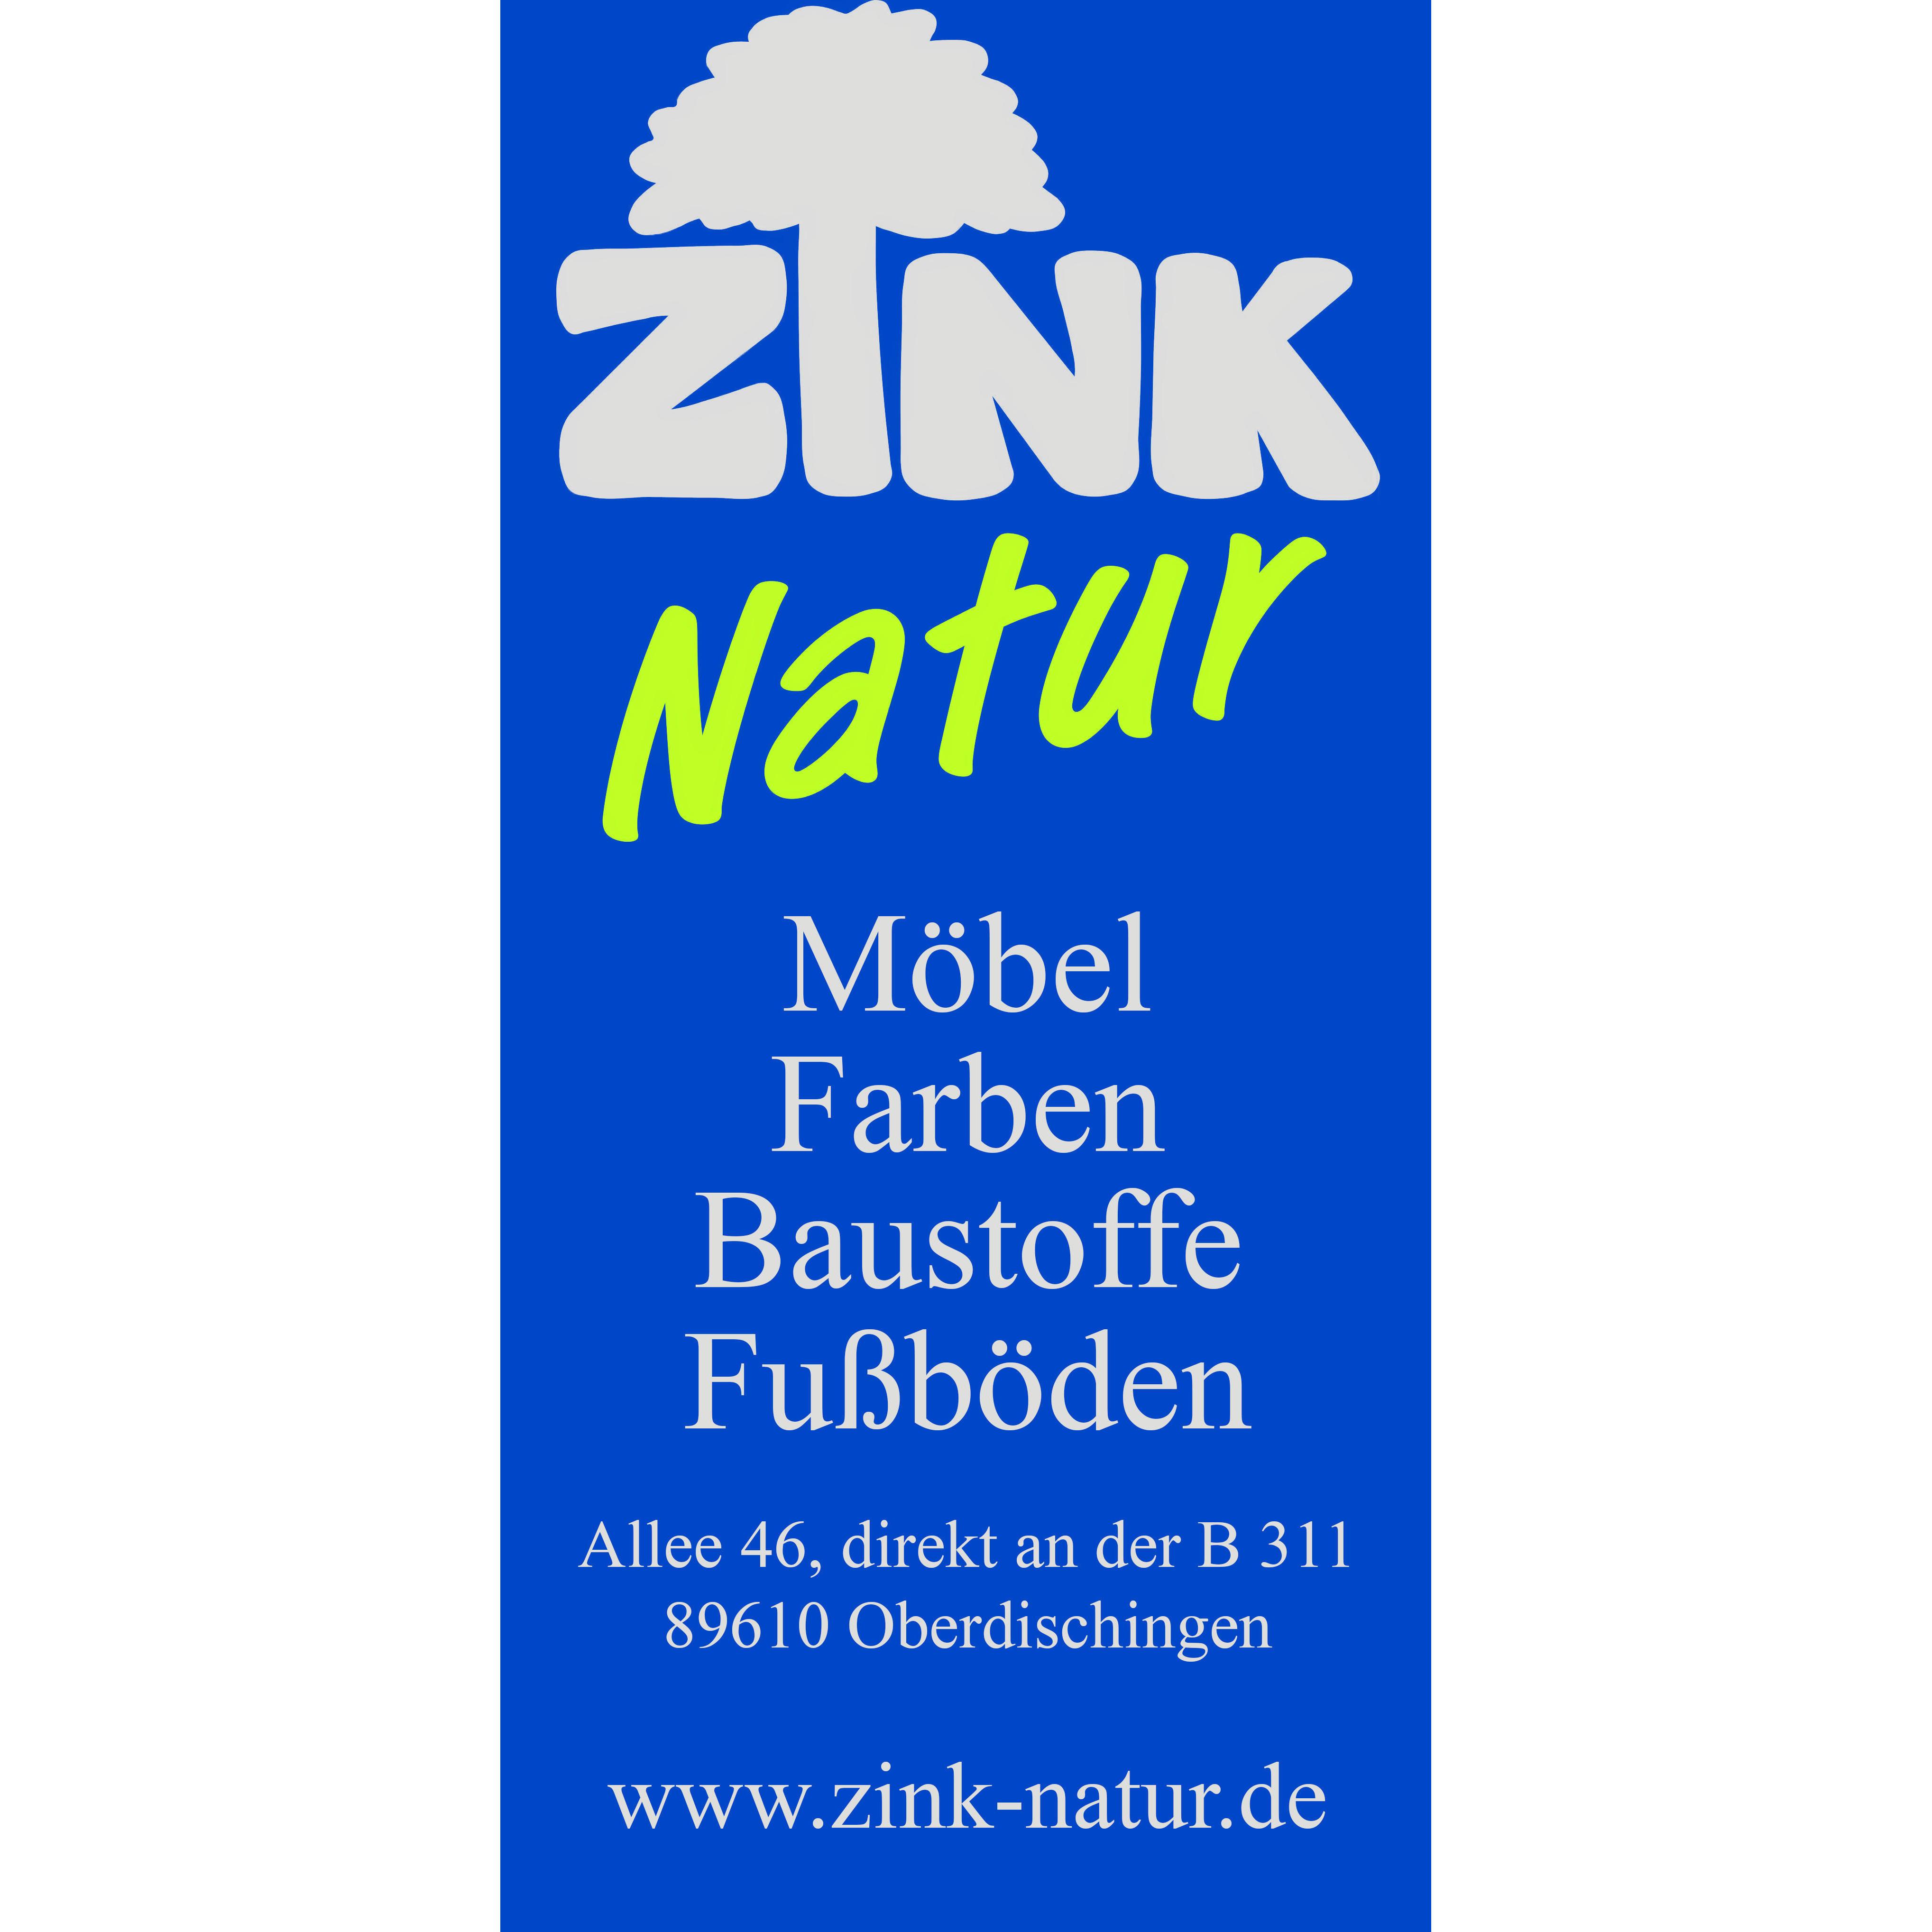 Bild zu Zink Natur Baustoffe und Massivholz Möbel in Oberdischingen